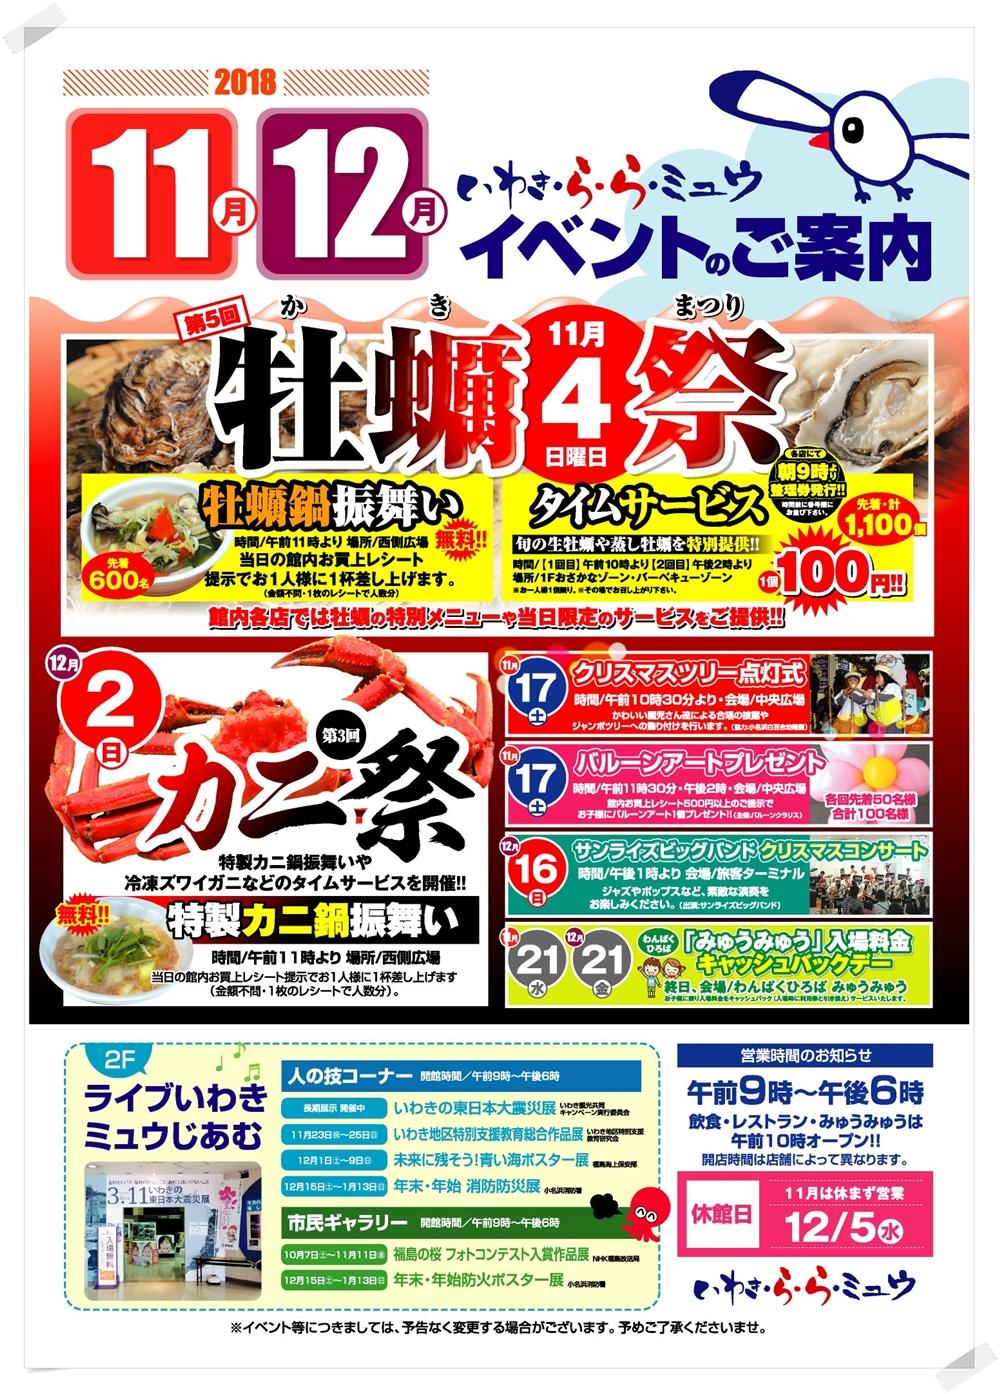 いわき・ら・ら・ミュウ 平成30年11月イベント情報! [平成30年11月2日(金)更新]2